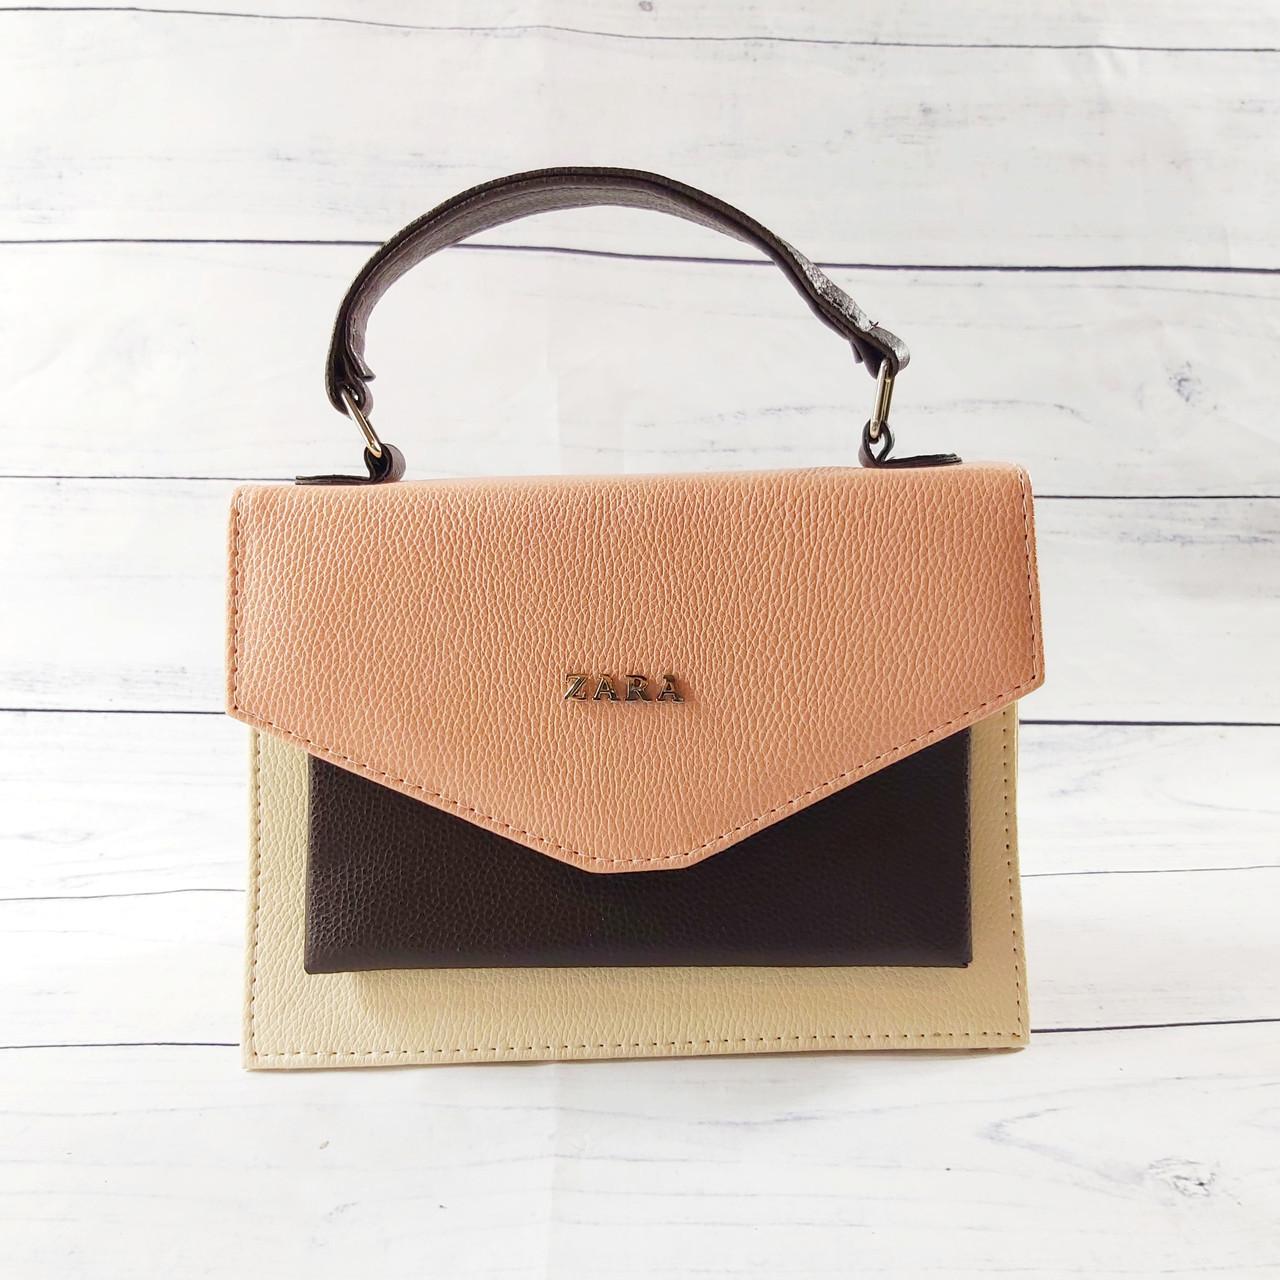 Женская mini сумка Zara, бежевая с персиковым